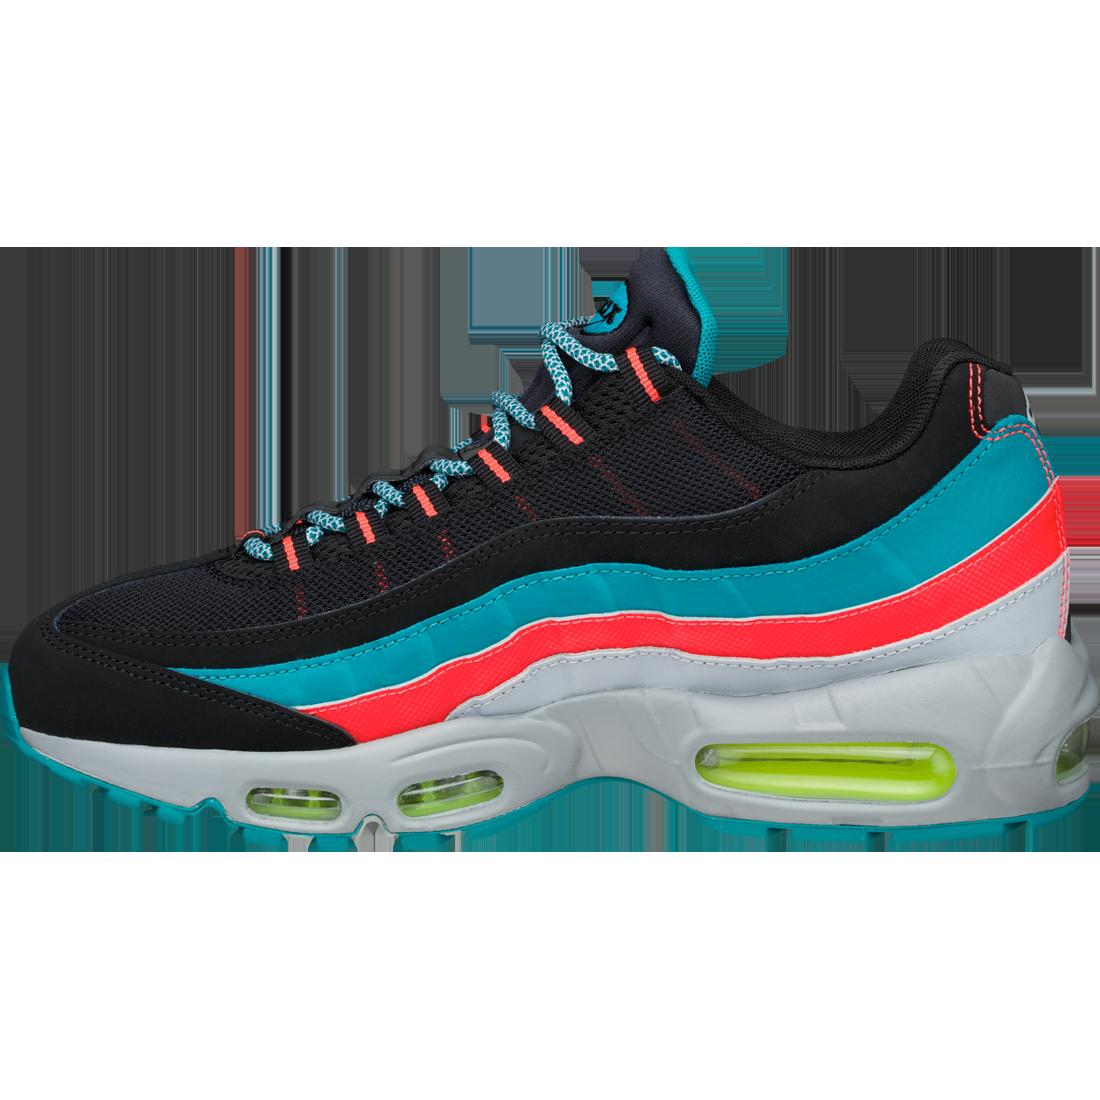 5ee340eeee3725 Nike Air Max 95   South Beach . 2015. 749766-002.